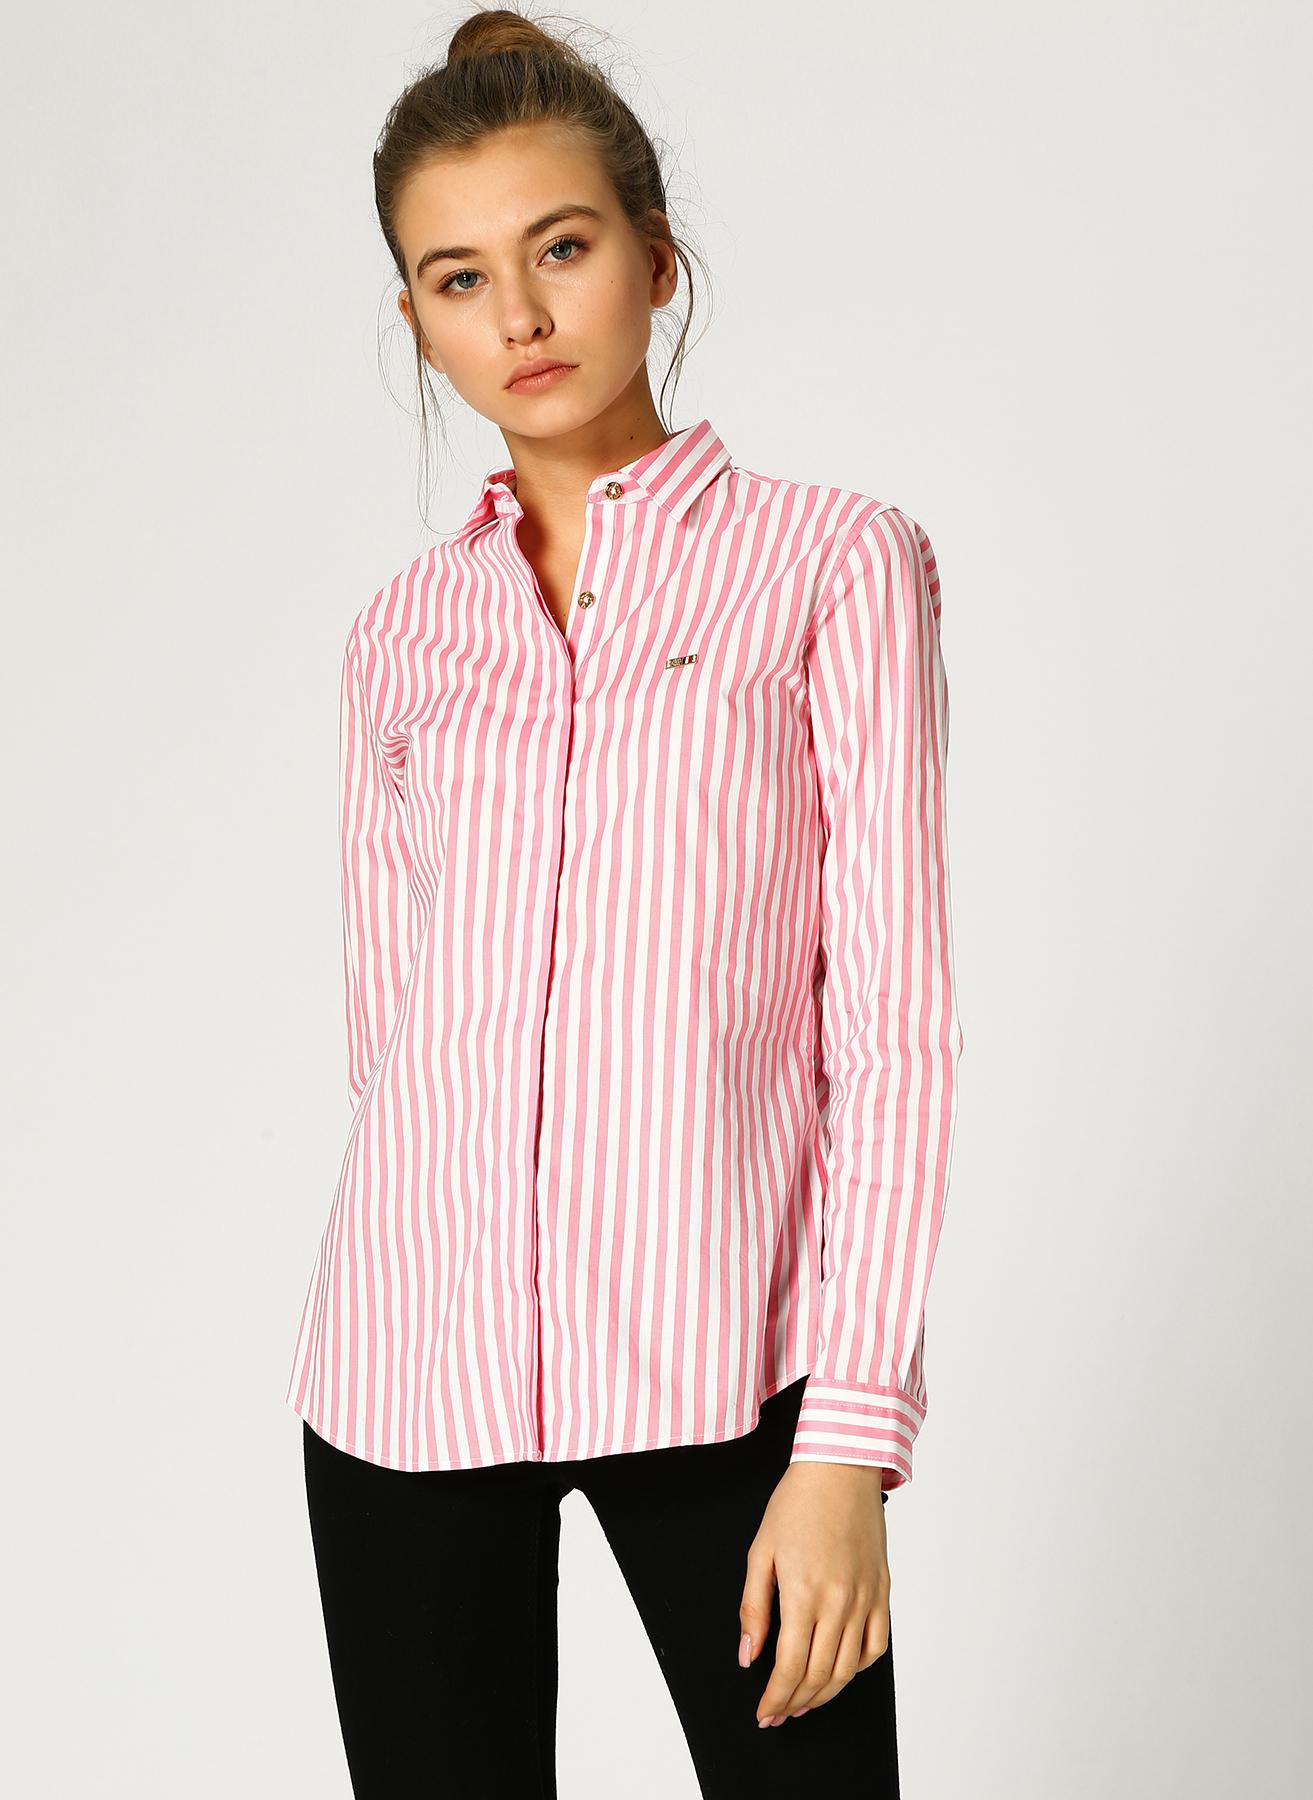 U.S. Polo Assn. Çizgili Pembe-Beyaz Gömlek 44 5002358871006 Ürün Resmi